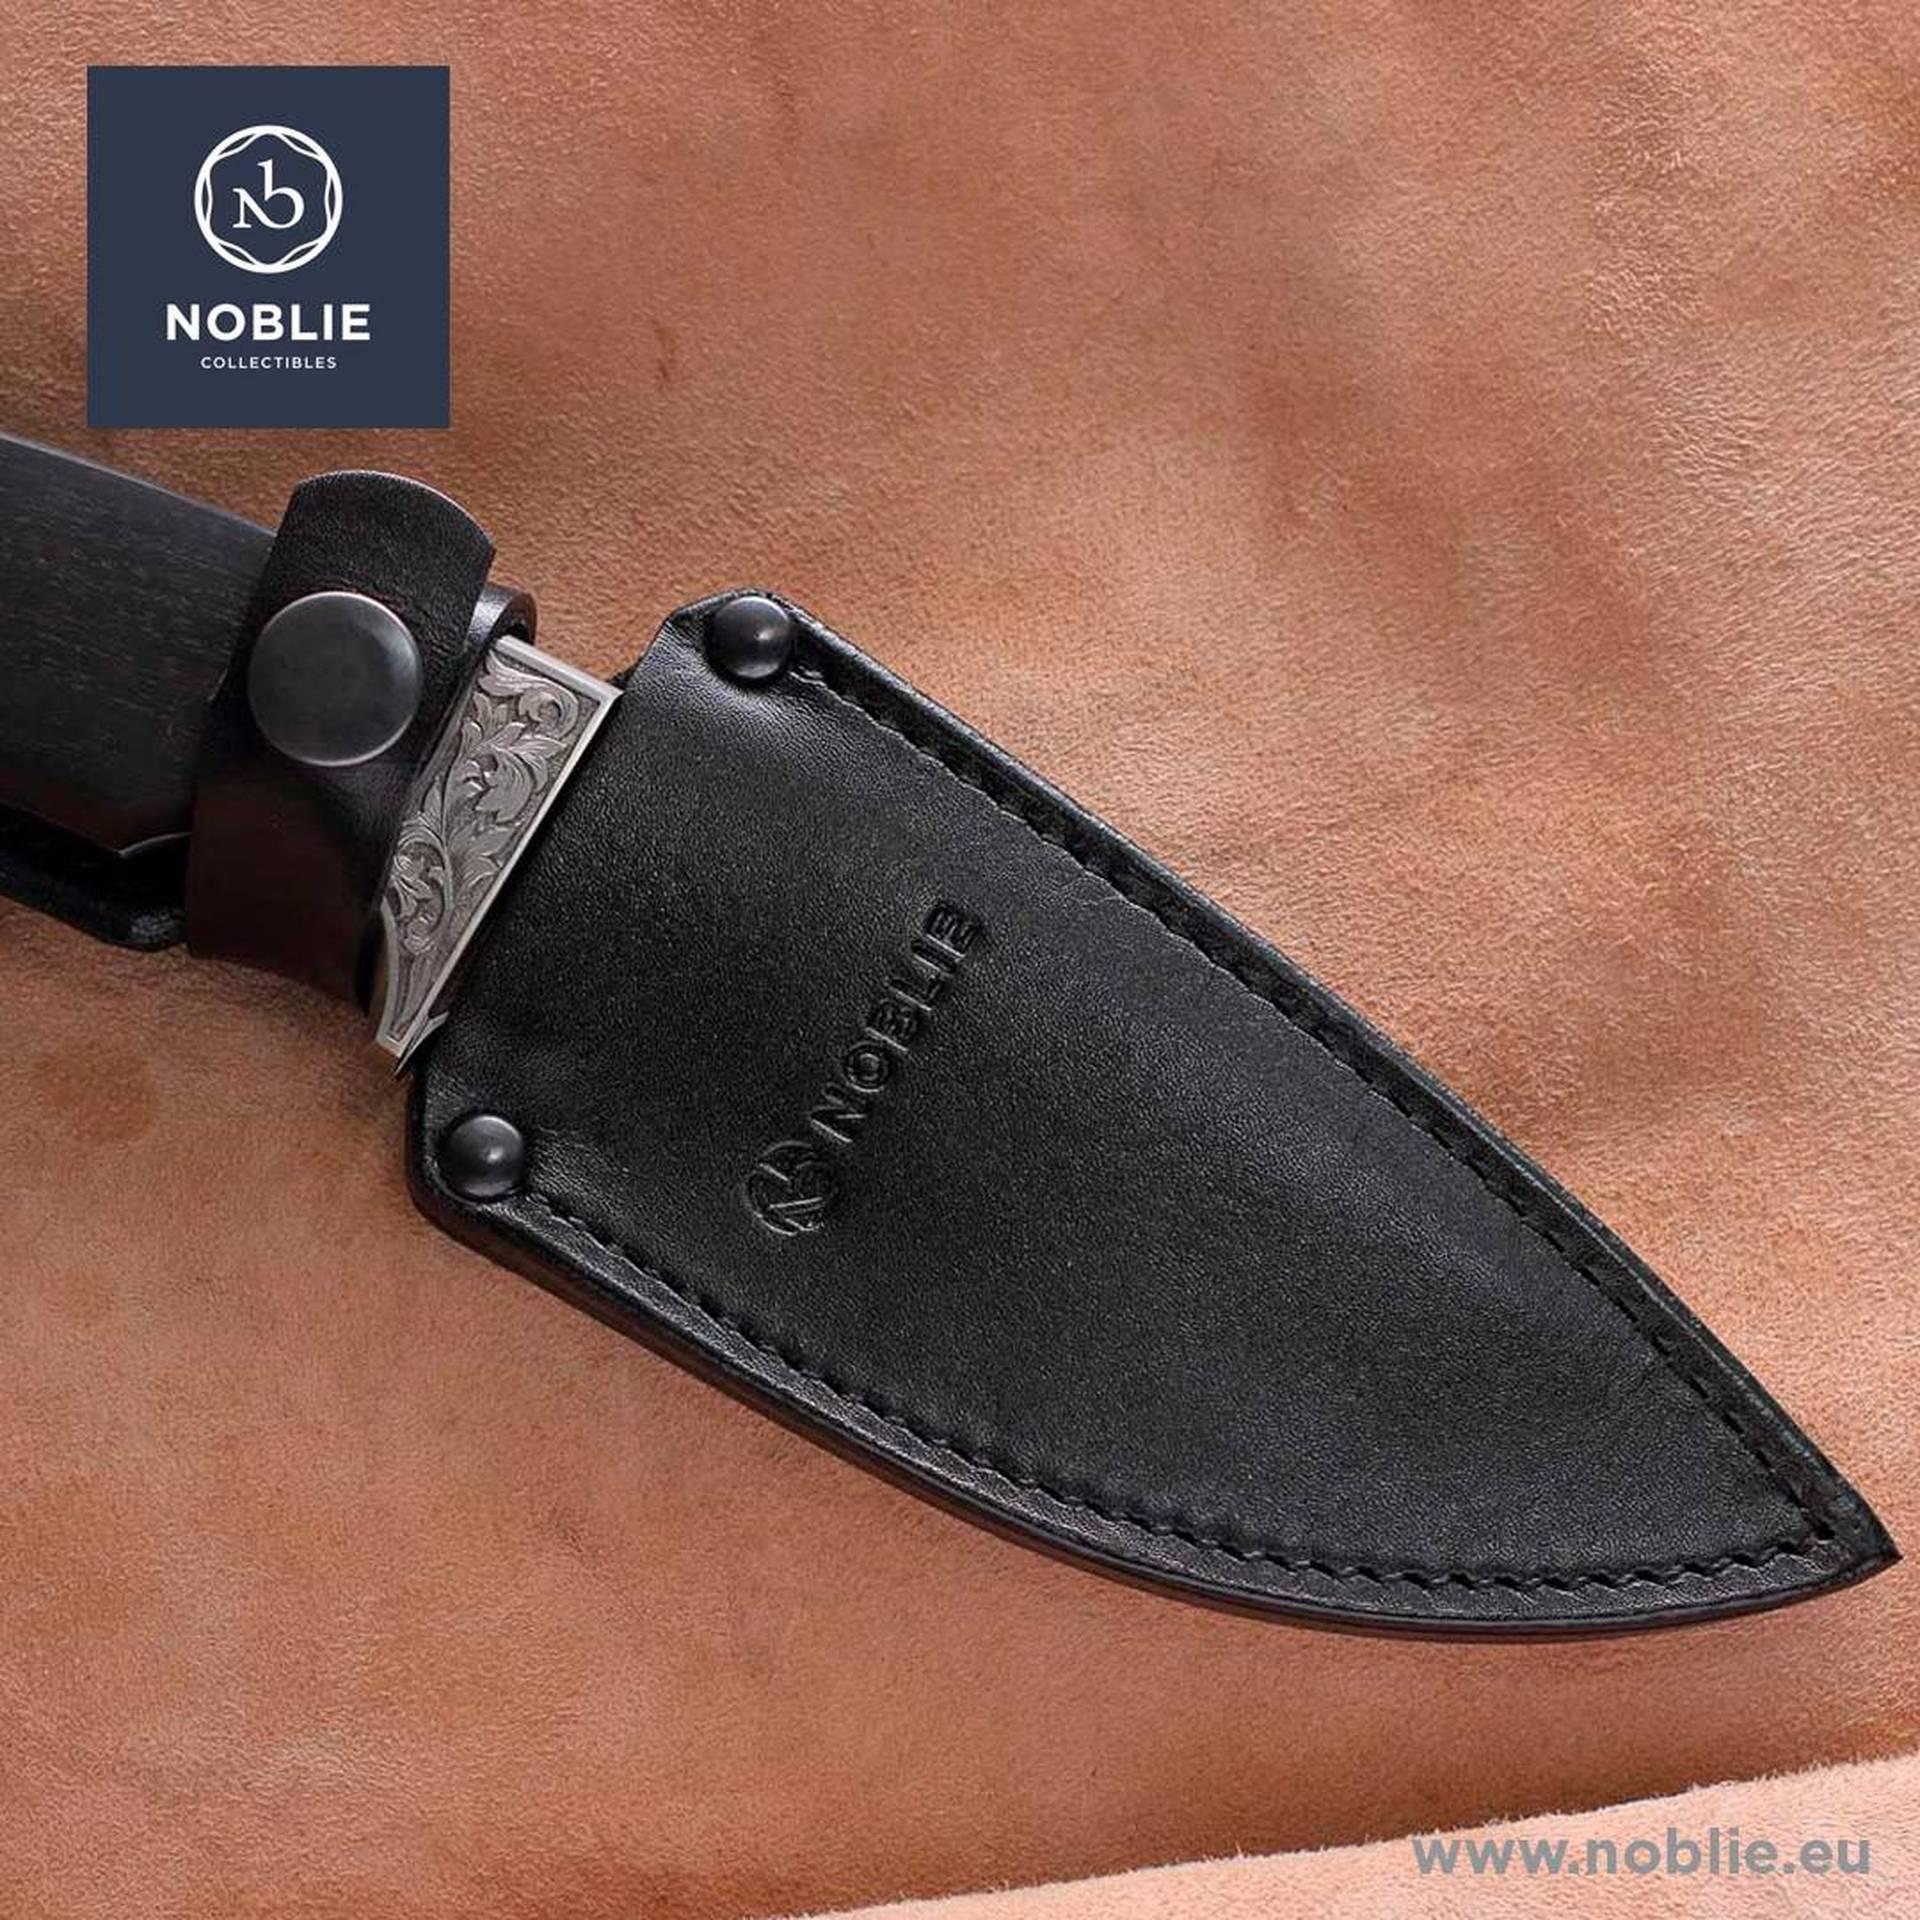 custom knife usa